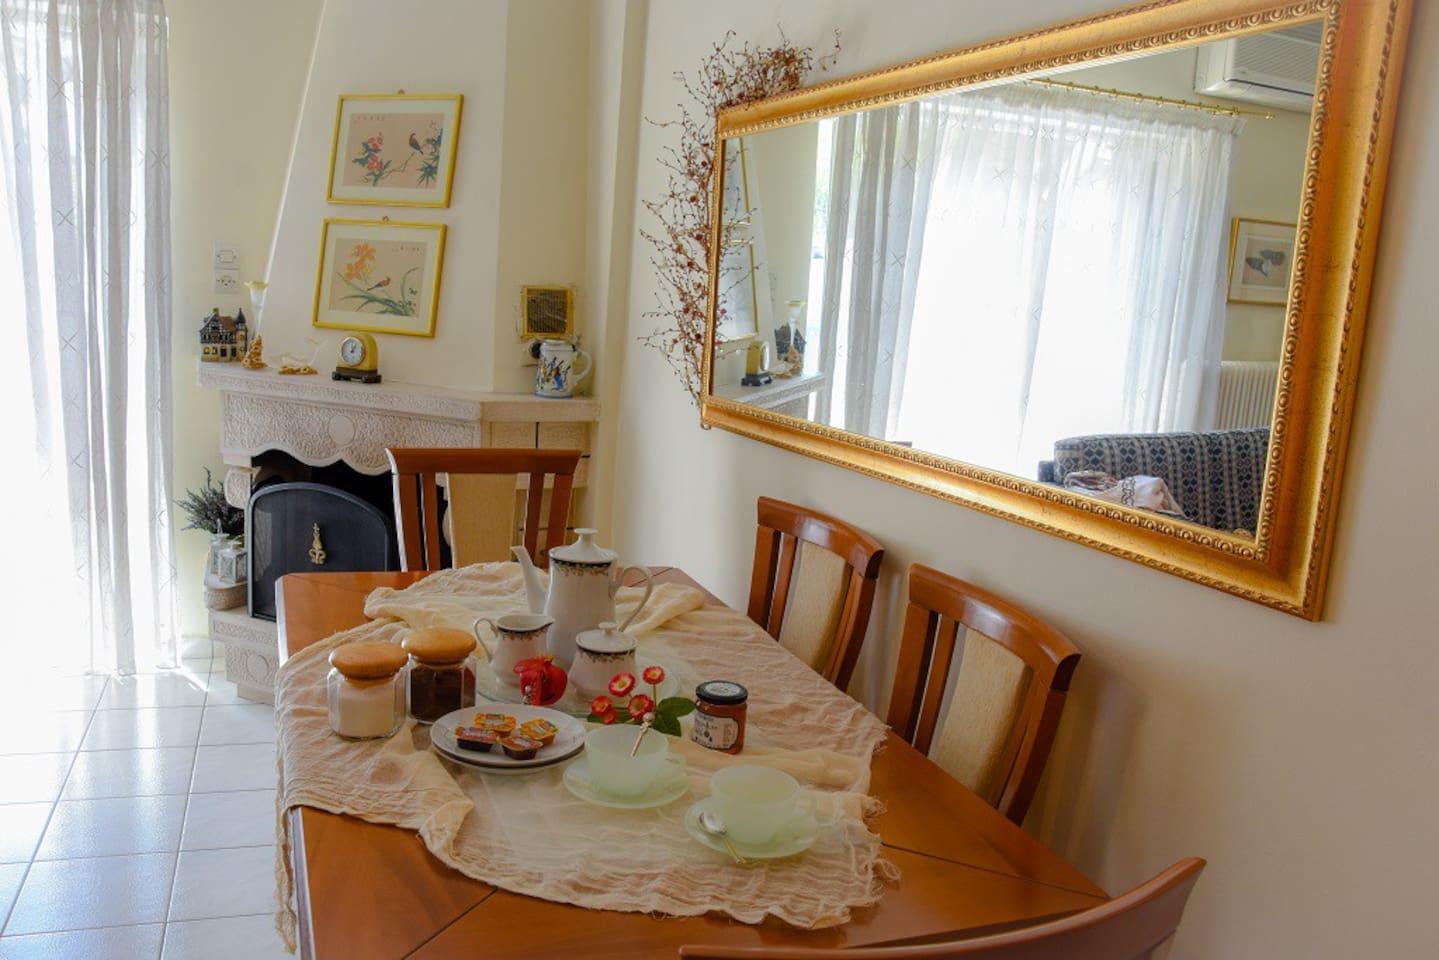 Family home breakfast